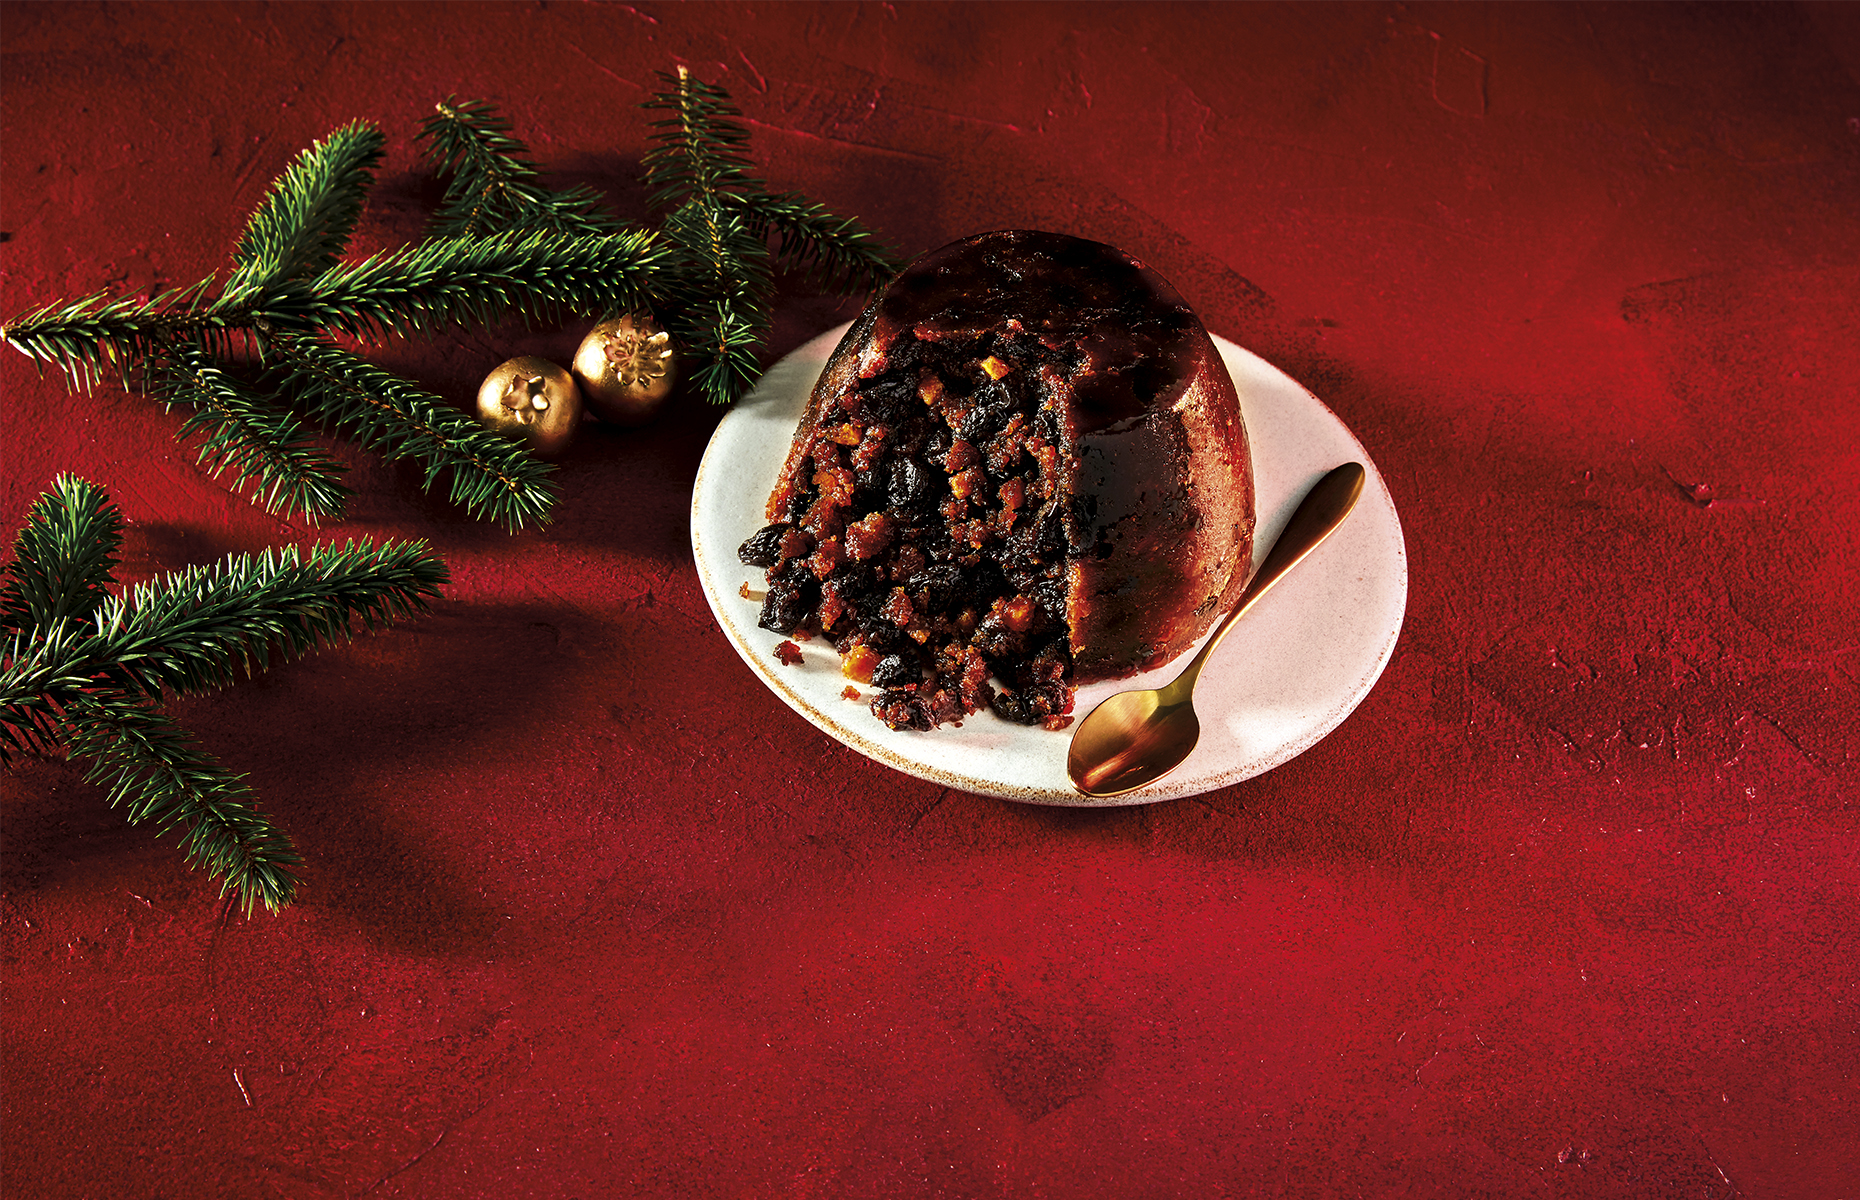 Iceland Christmas pudding